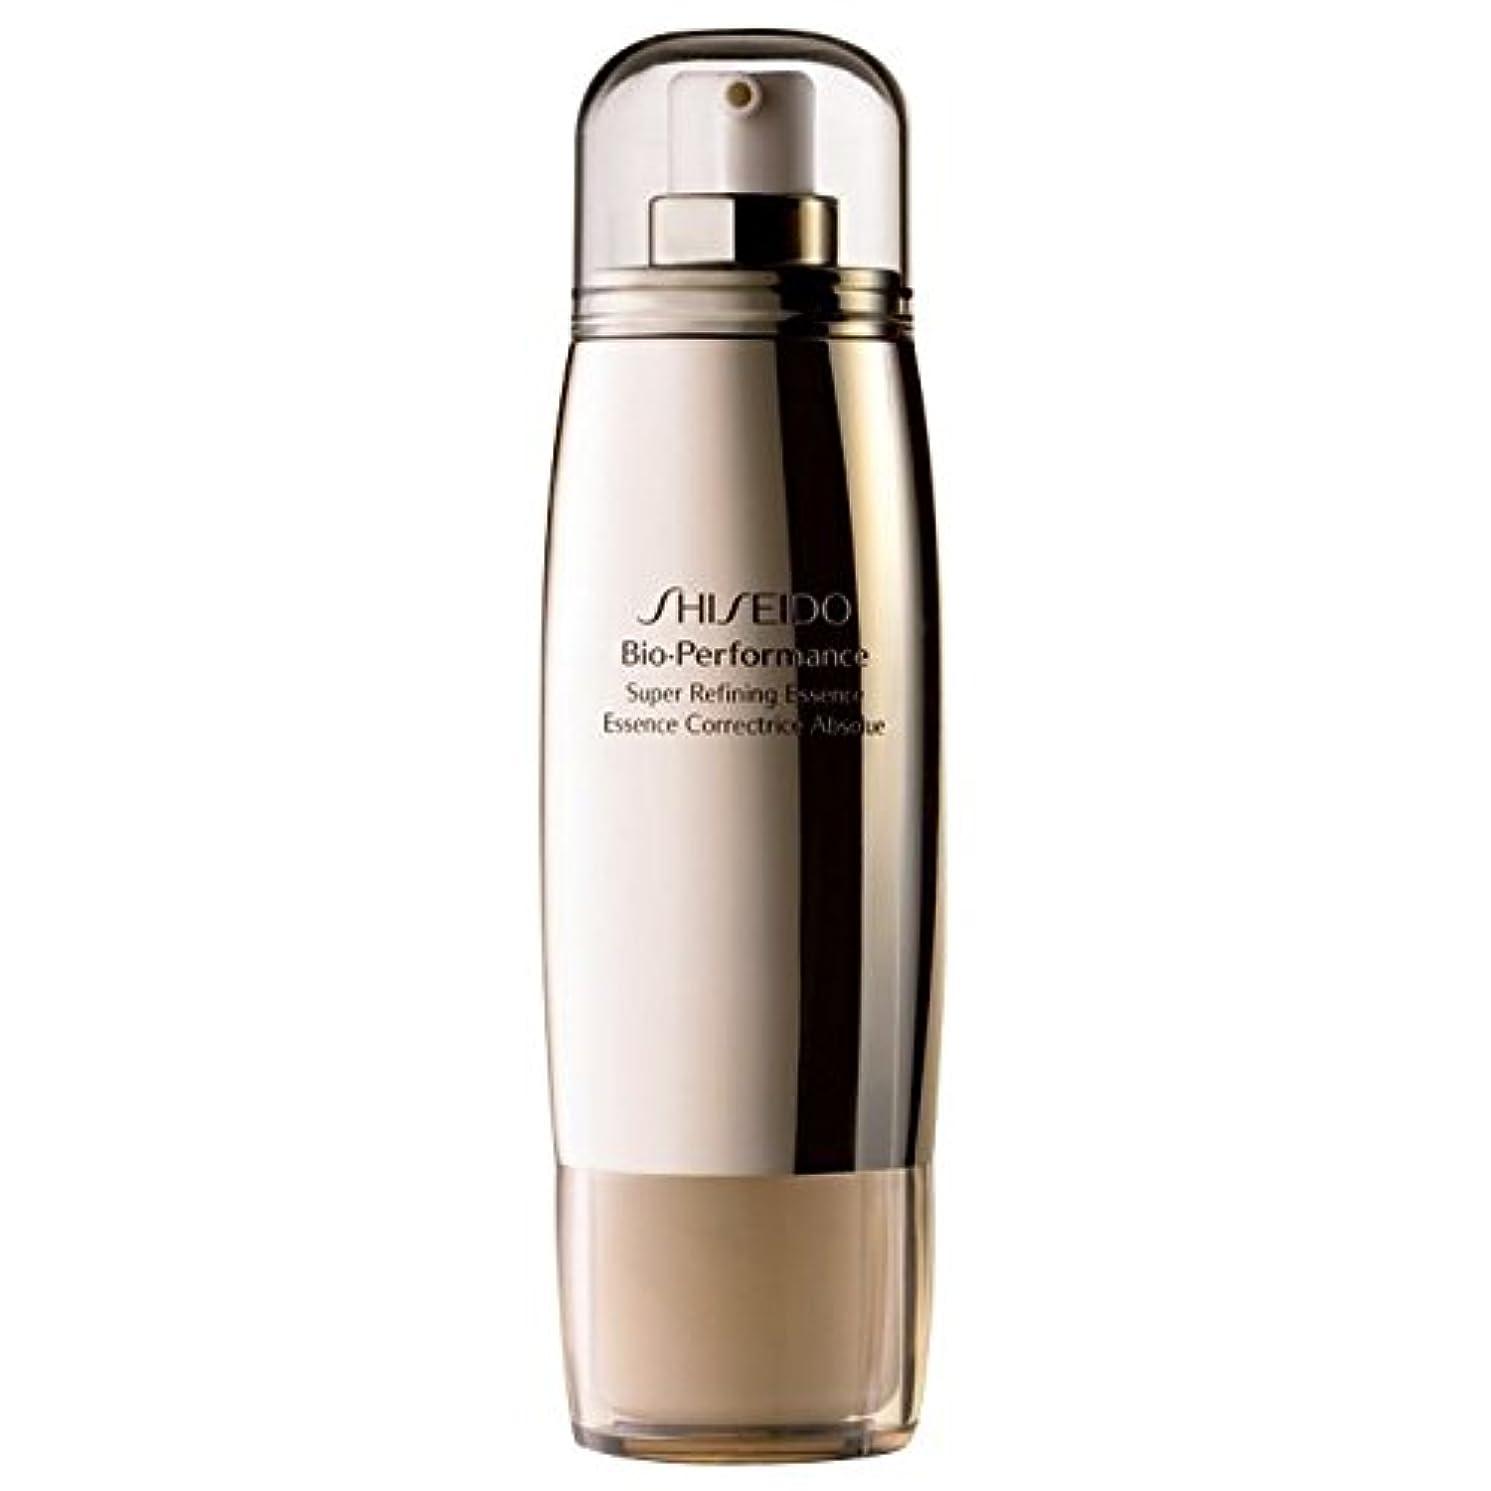 付録リラックスした入る[Shiseido] 資生堂バイオパフォーマンススーパーリファイニングエッセンスの50ミリリットル - Shiseido Bio-Performance Super Refining Essence 50ml [並行輸入品]